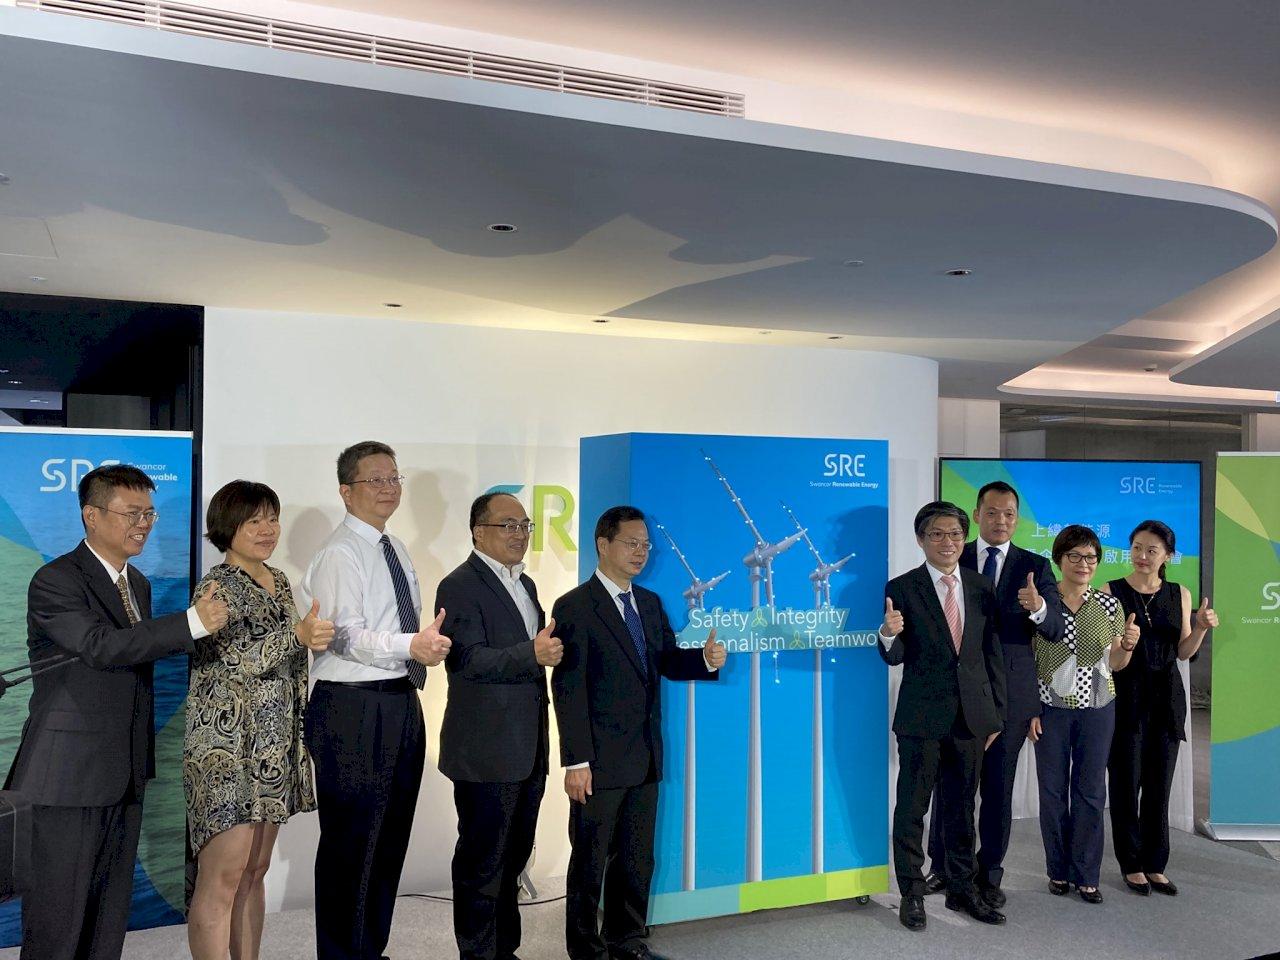 上緯新能源宣示跨足陸域風電及太陽能 盼成綠能龍頭